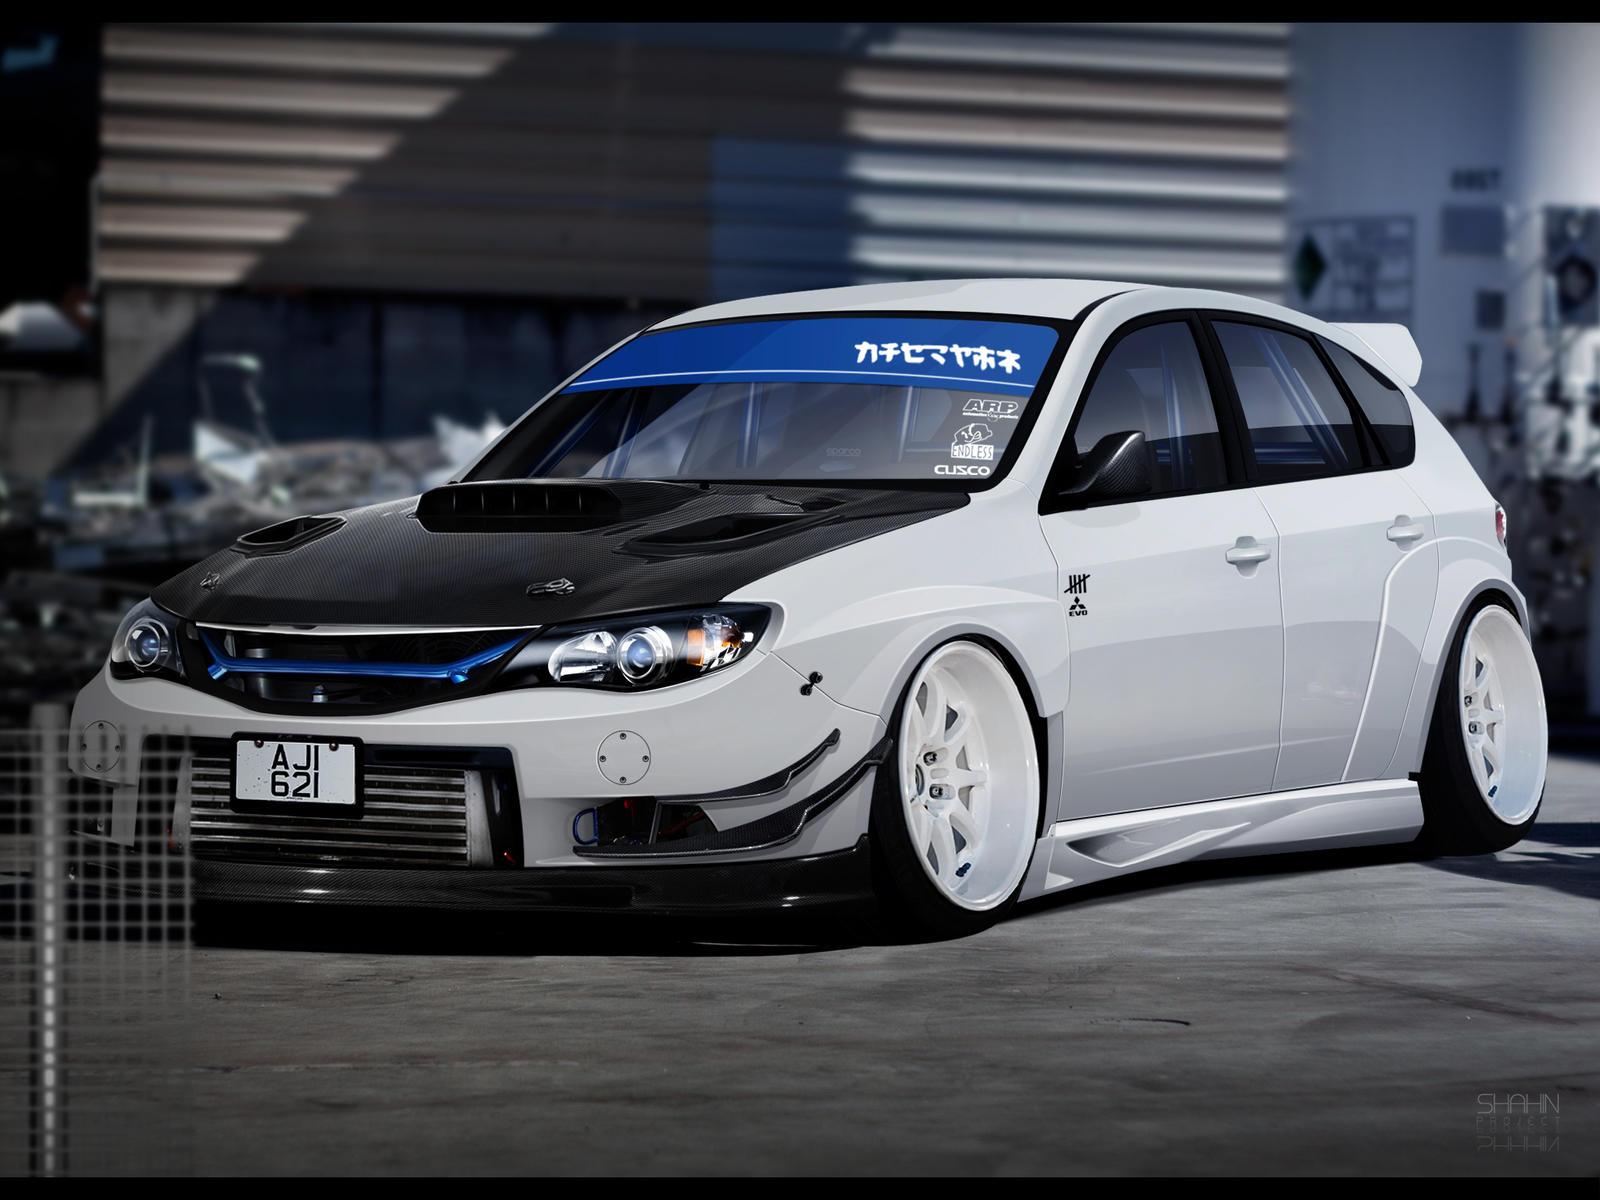 Subaru SP edition by tuninger